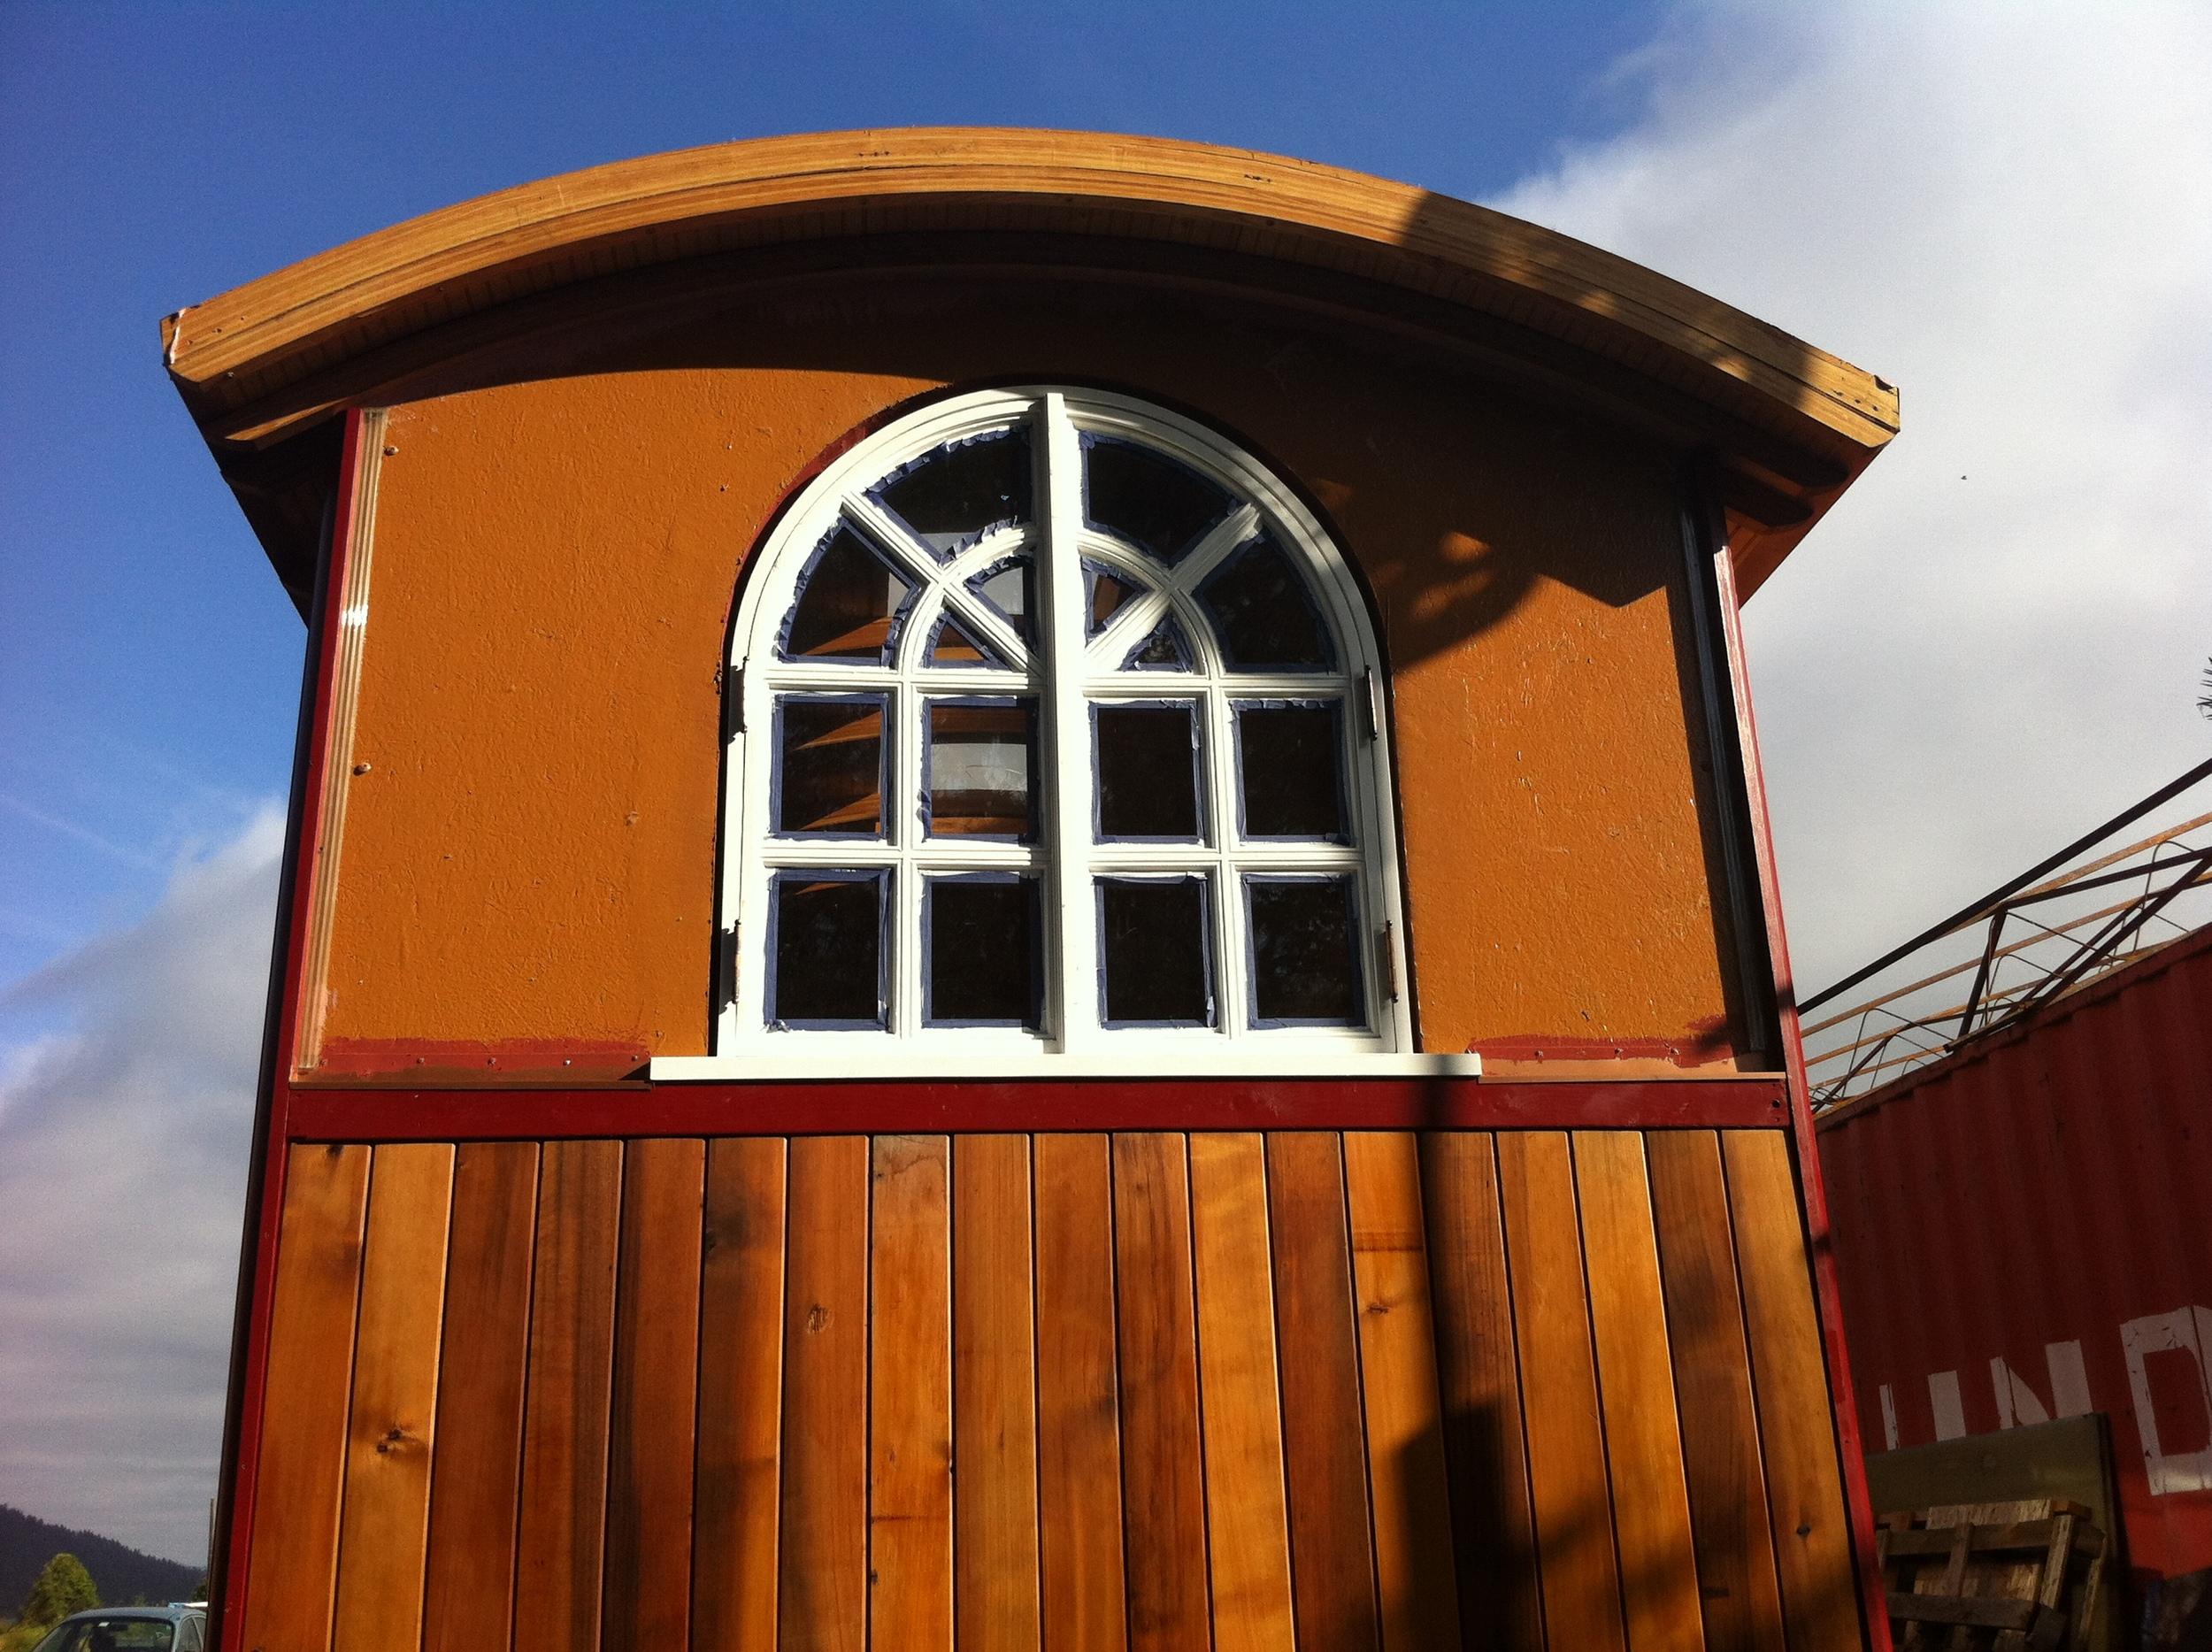 Siding-Arched-Window.jpg